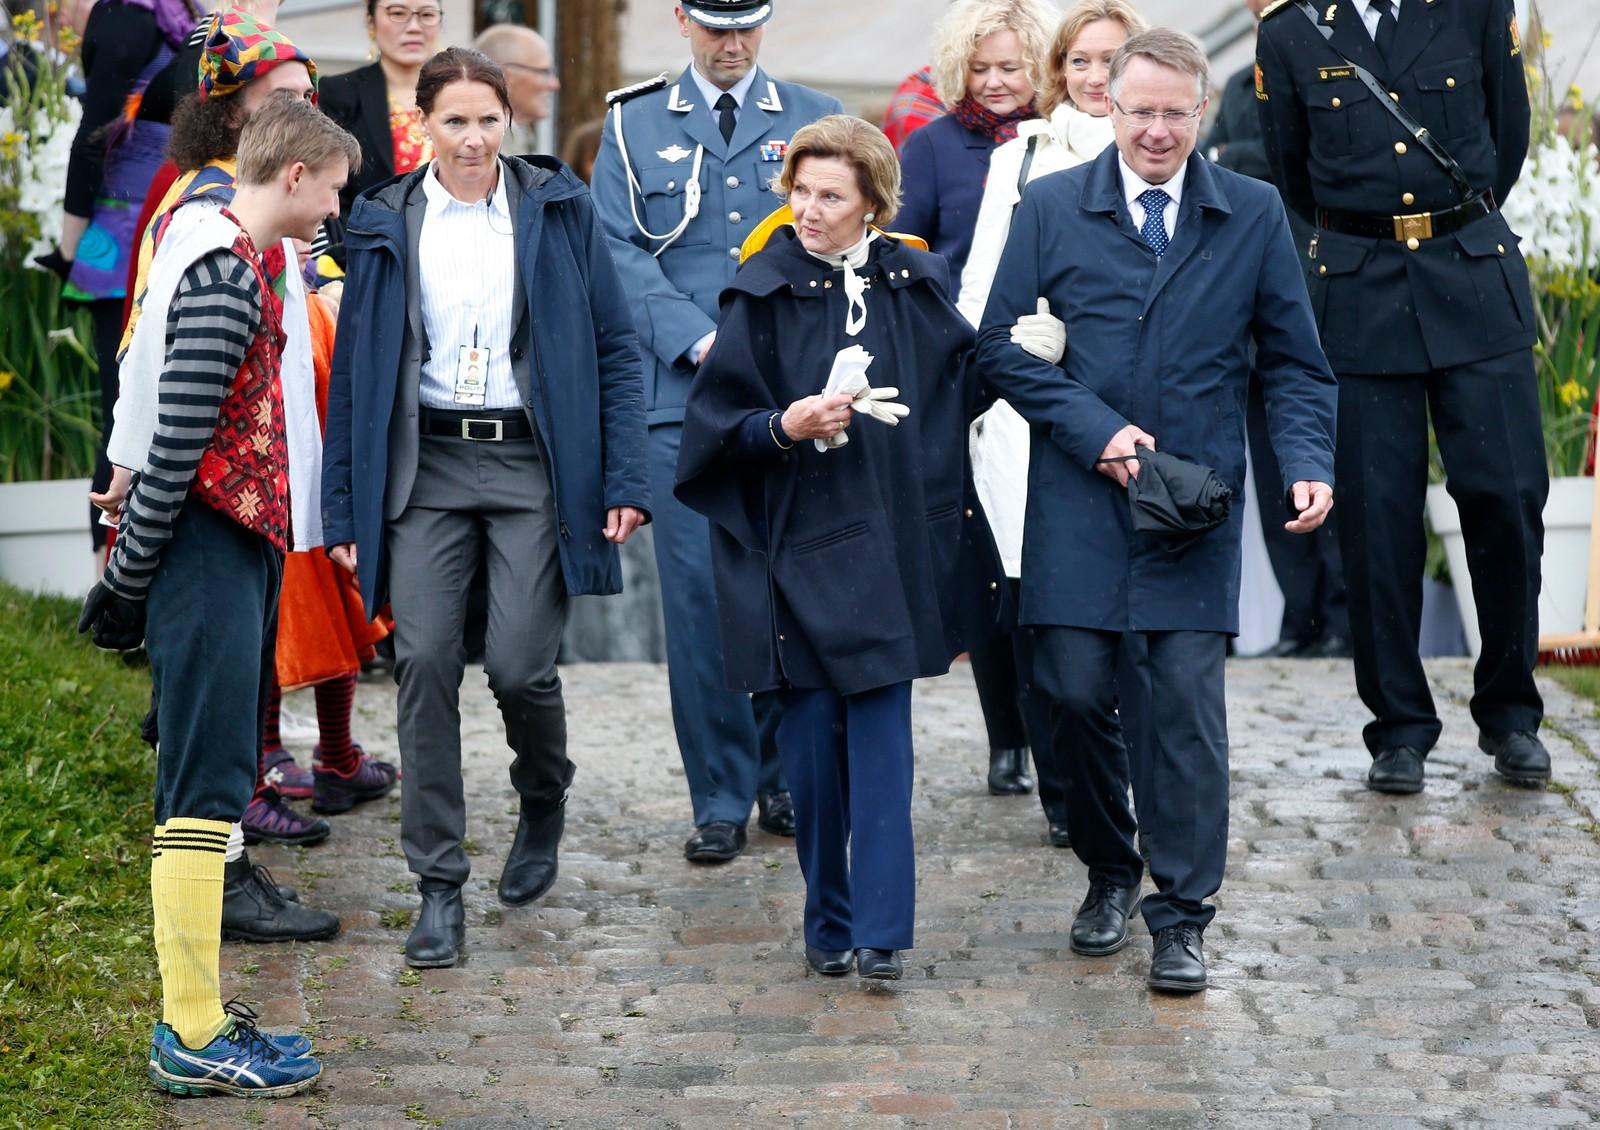 """Kong Harald og dronning Sonja forlater kongeparets hagefest for 300 inviterte gjester på """"Skansen"""" i Tromsø lørdag. Reisen inngår som en del av markeringen av Kongeparets 25-årsjubileum. Foto: Lise Åserud / NTB scanpix"""